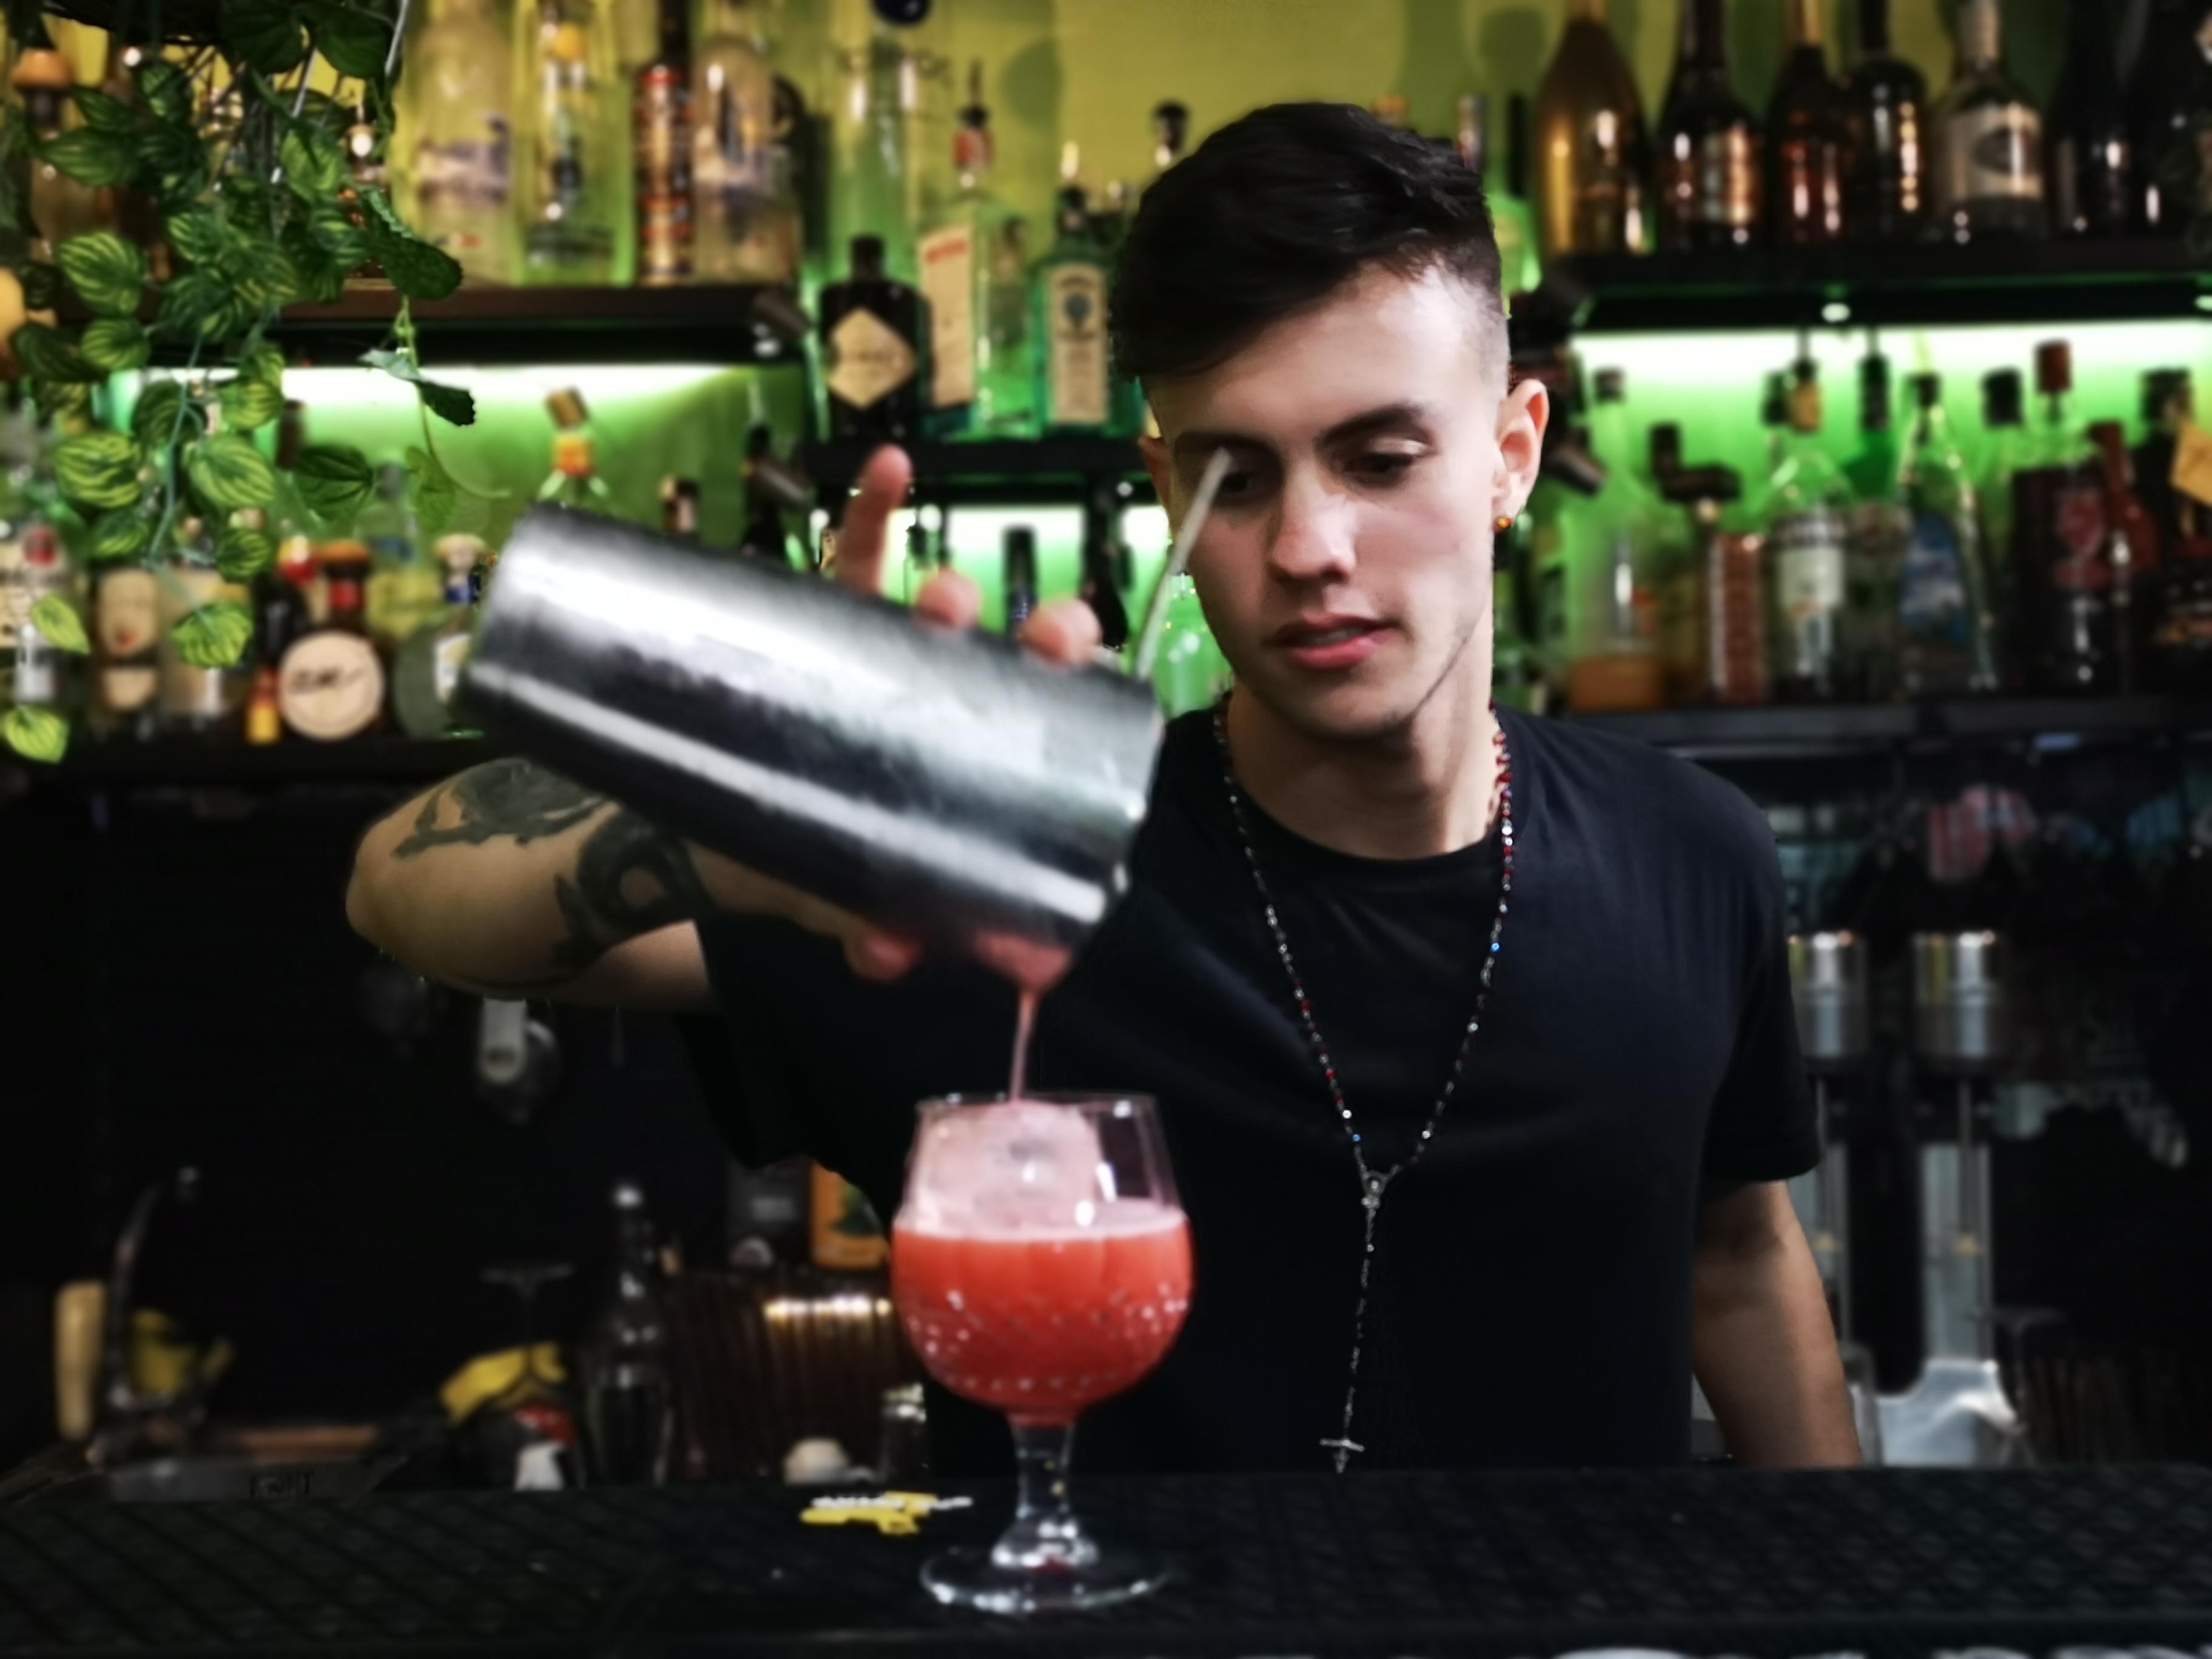 Curso de cocteleria , bartender school b